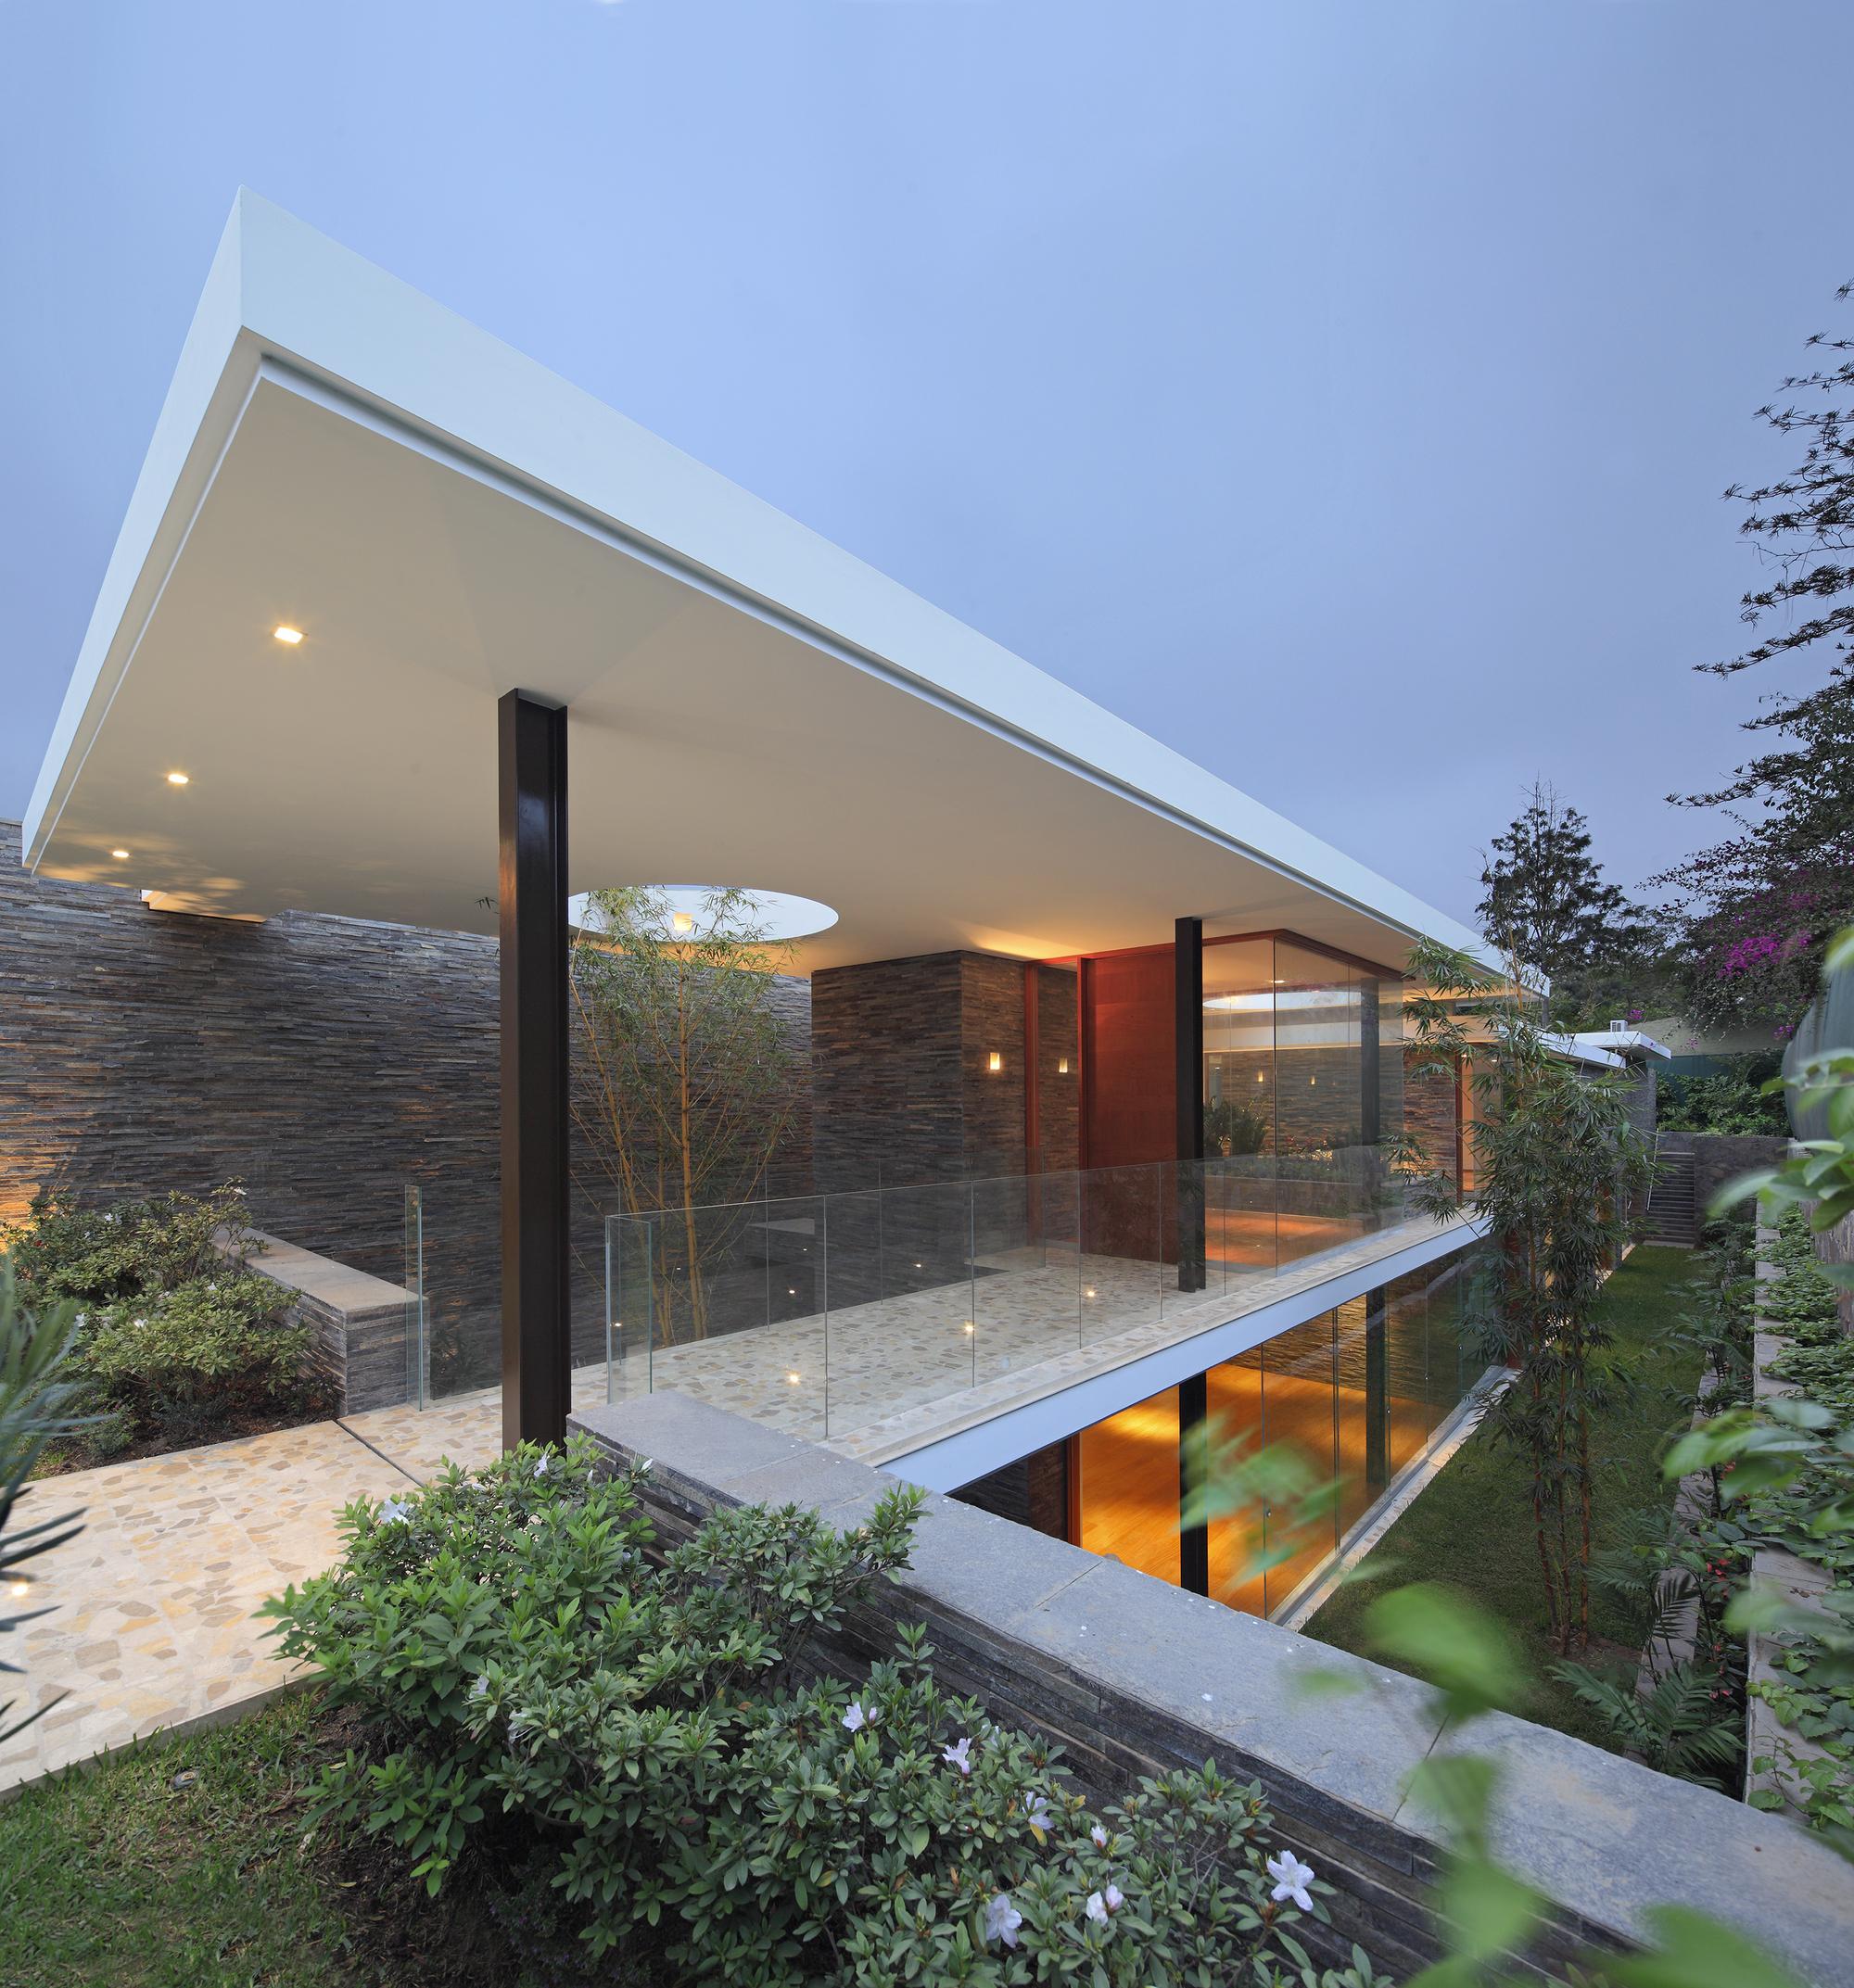 Casa Lineal  Metrpolis Oficina de Arquitectura  ArchDaily